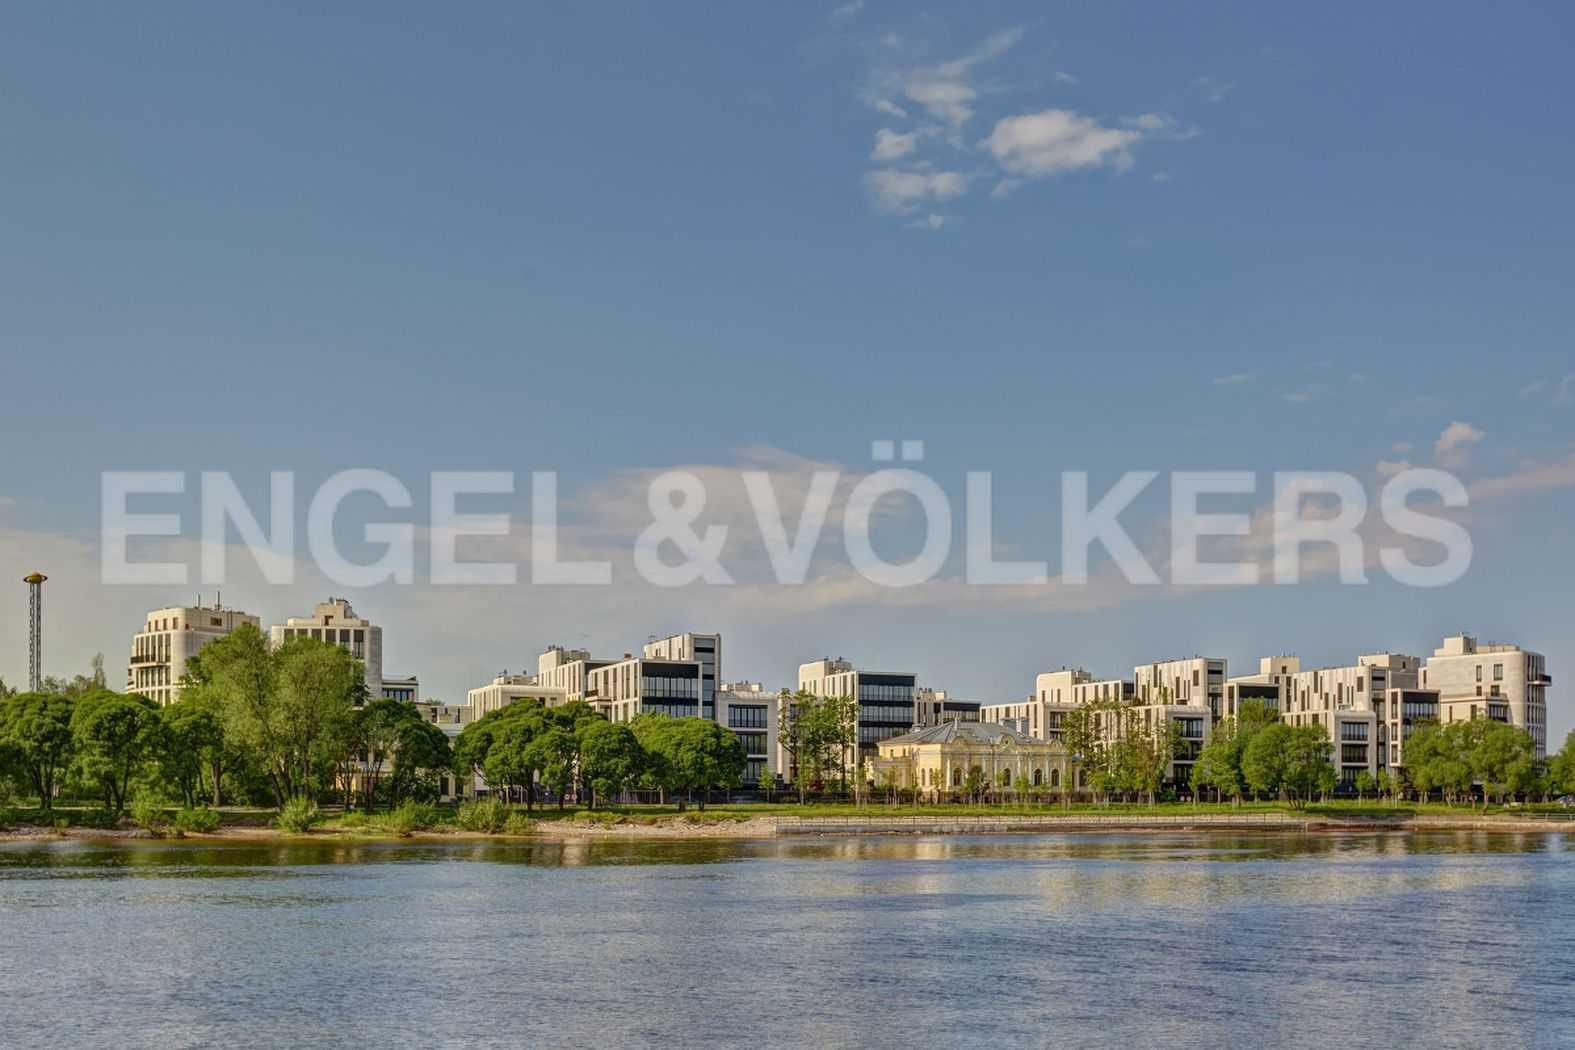 Элитные квартиры на . Санкт-Петербург, наб. Мартынова, 74. Фасад комплекса с реки